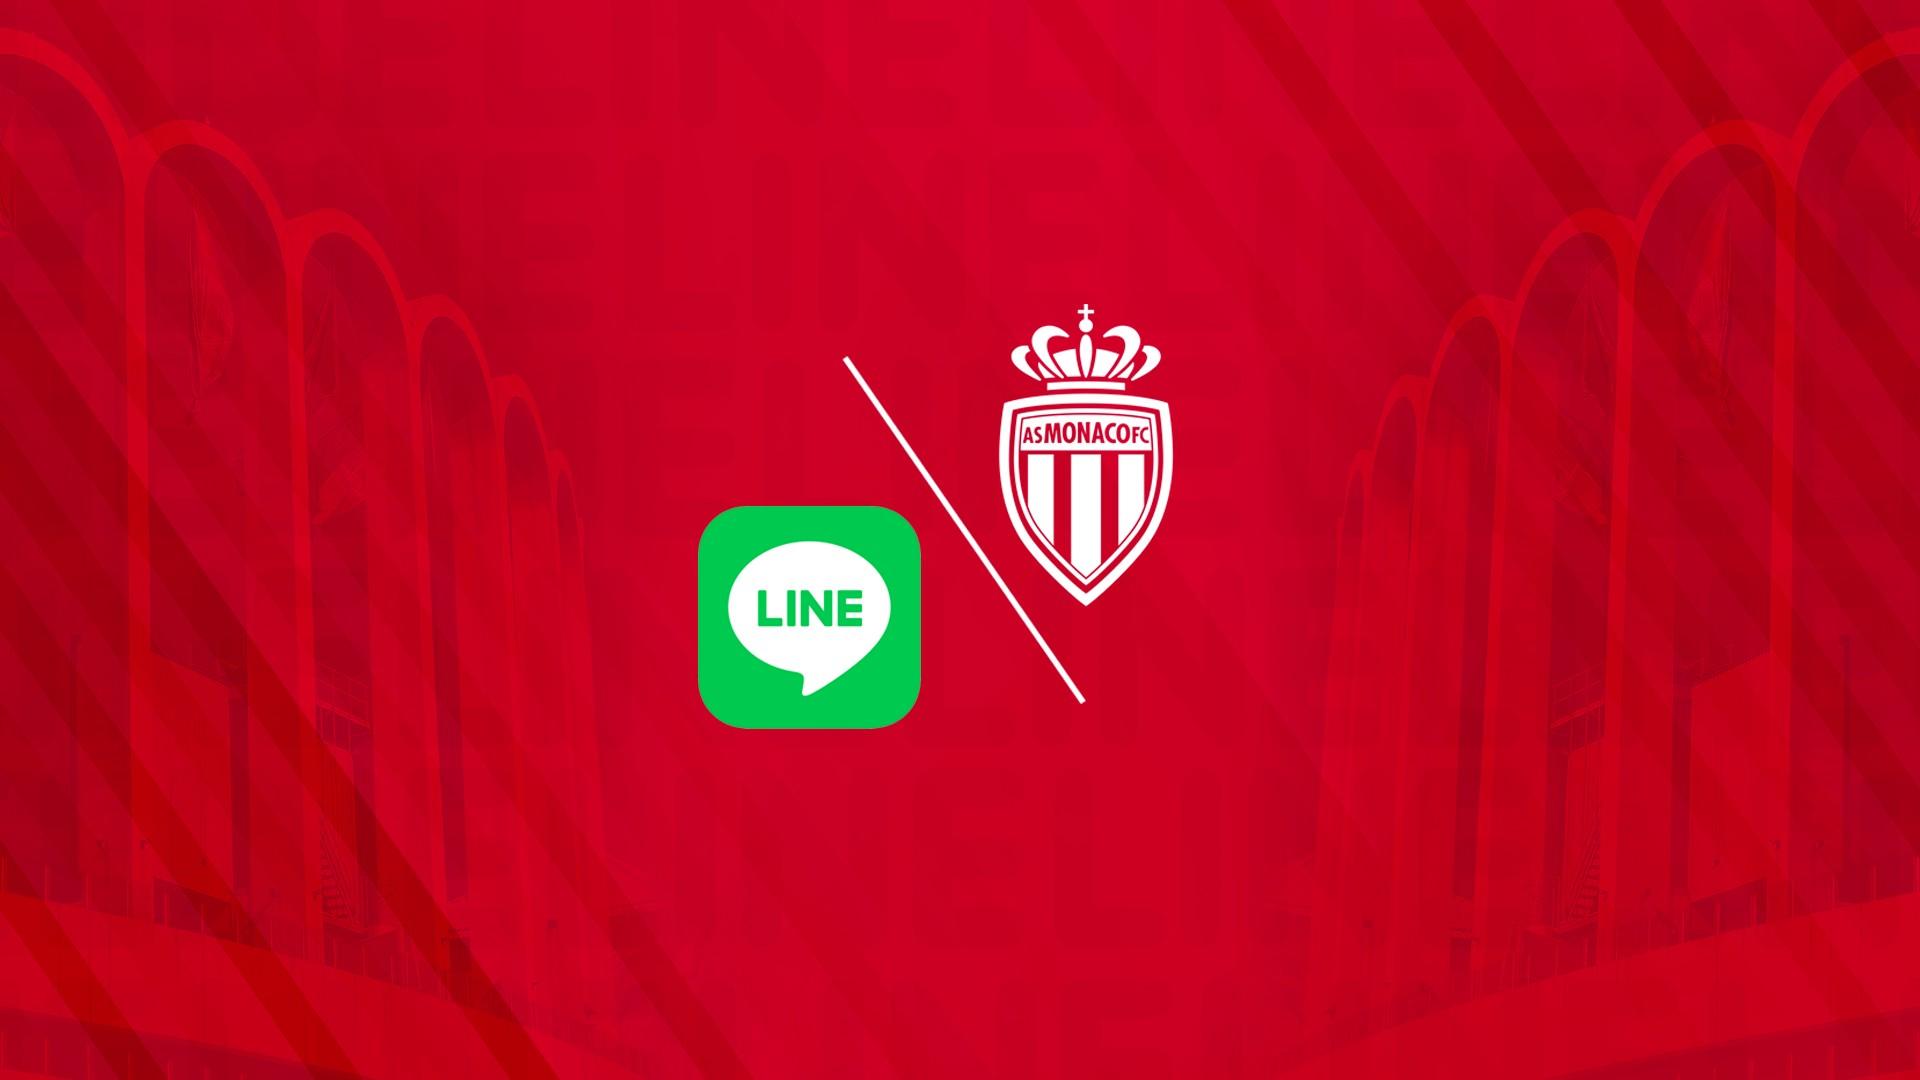 AS Monaco x Line (football) 2021